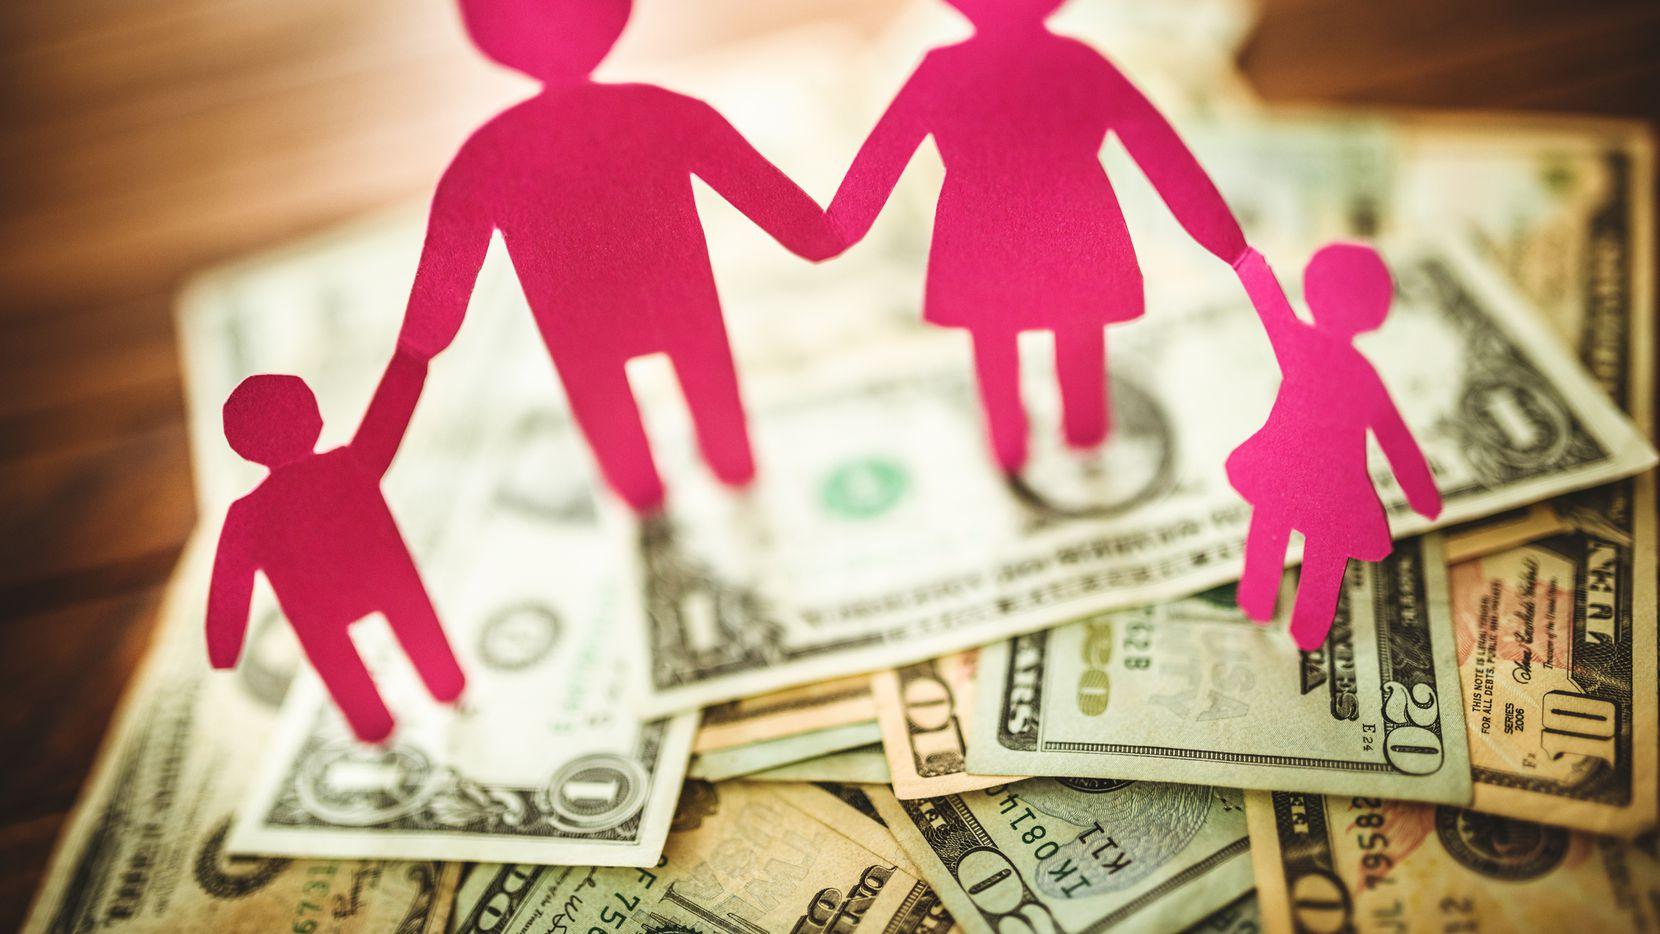 Las familias que declaran con ITIN y tienen dependientes con número de seguro social comenzaron a recibir los $1,400 del pago del tercer estímulo económico a finales de abril.